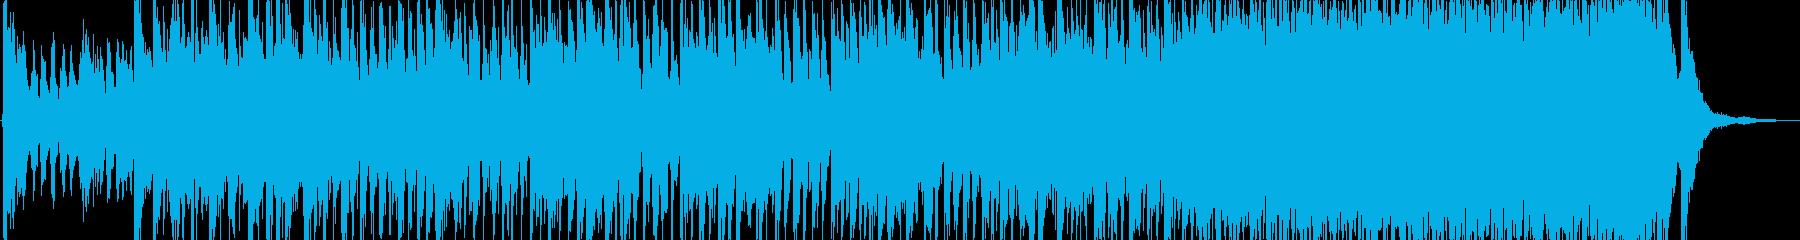 アラビア風の雰囲気のBGM3の再生済みの波形